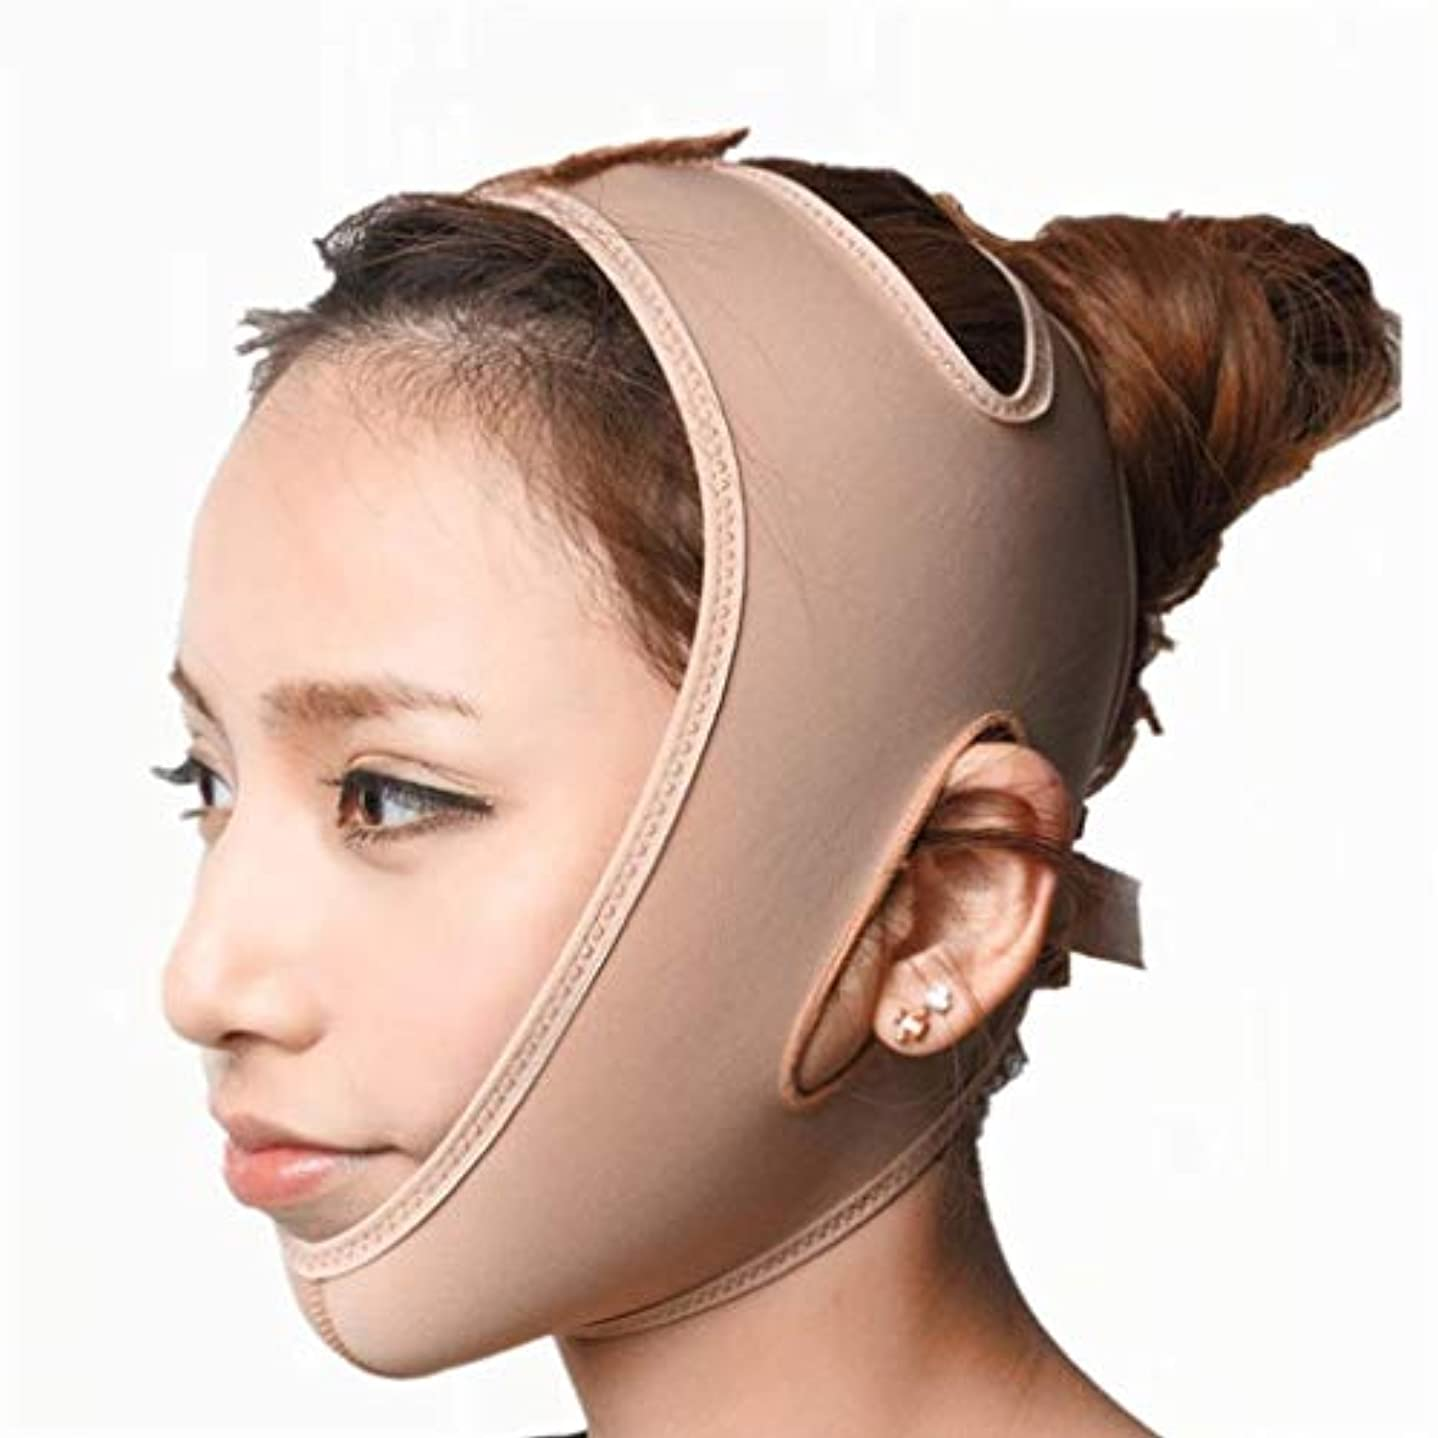 フェイスリフティング痩身Vフェイスマスクフルカバレッジ包帯減らす顔の二重あごケア減量美容ベルト通気性